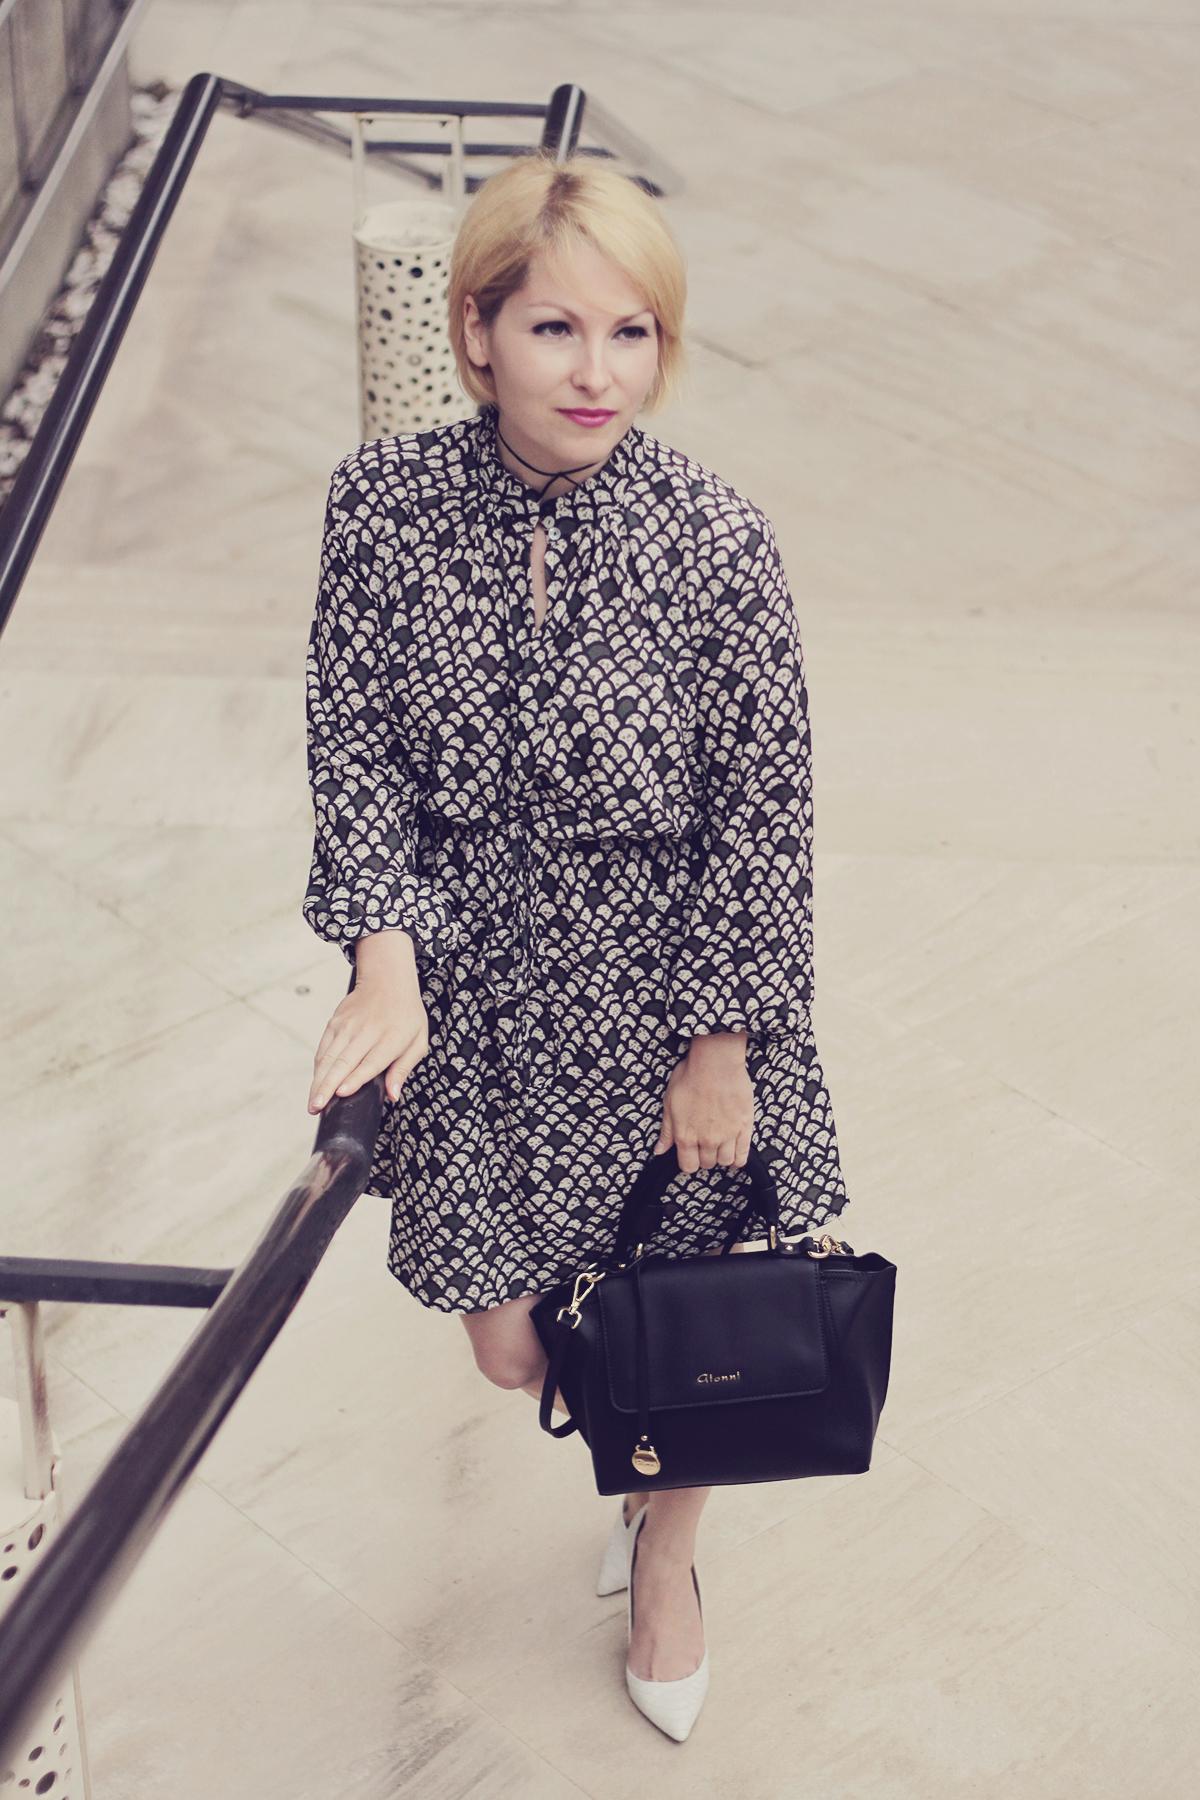 bag and print dress